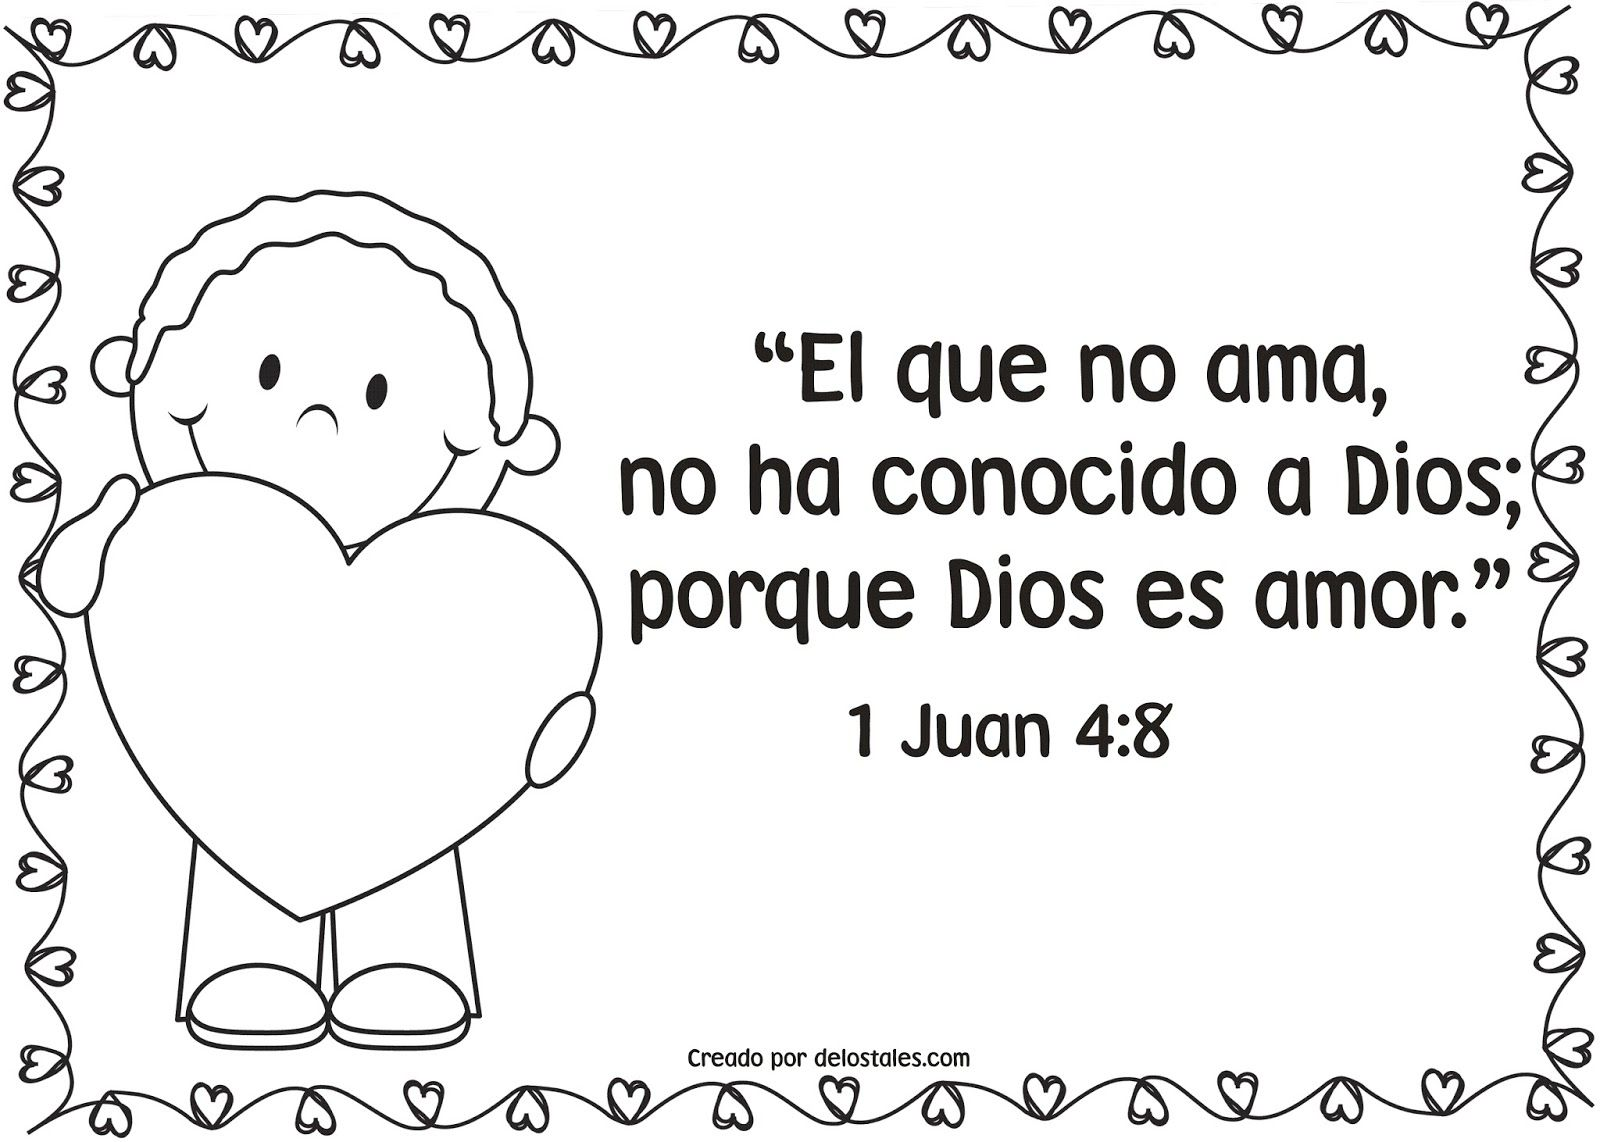 recursos cristianos, material para escuela dominical, amor de Dios ...